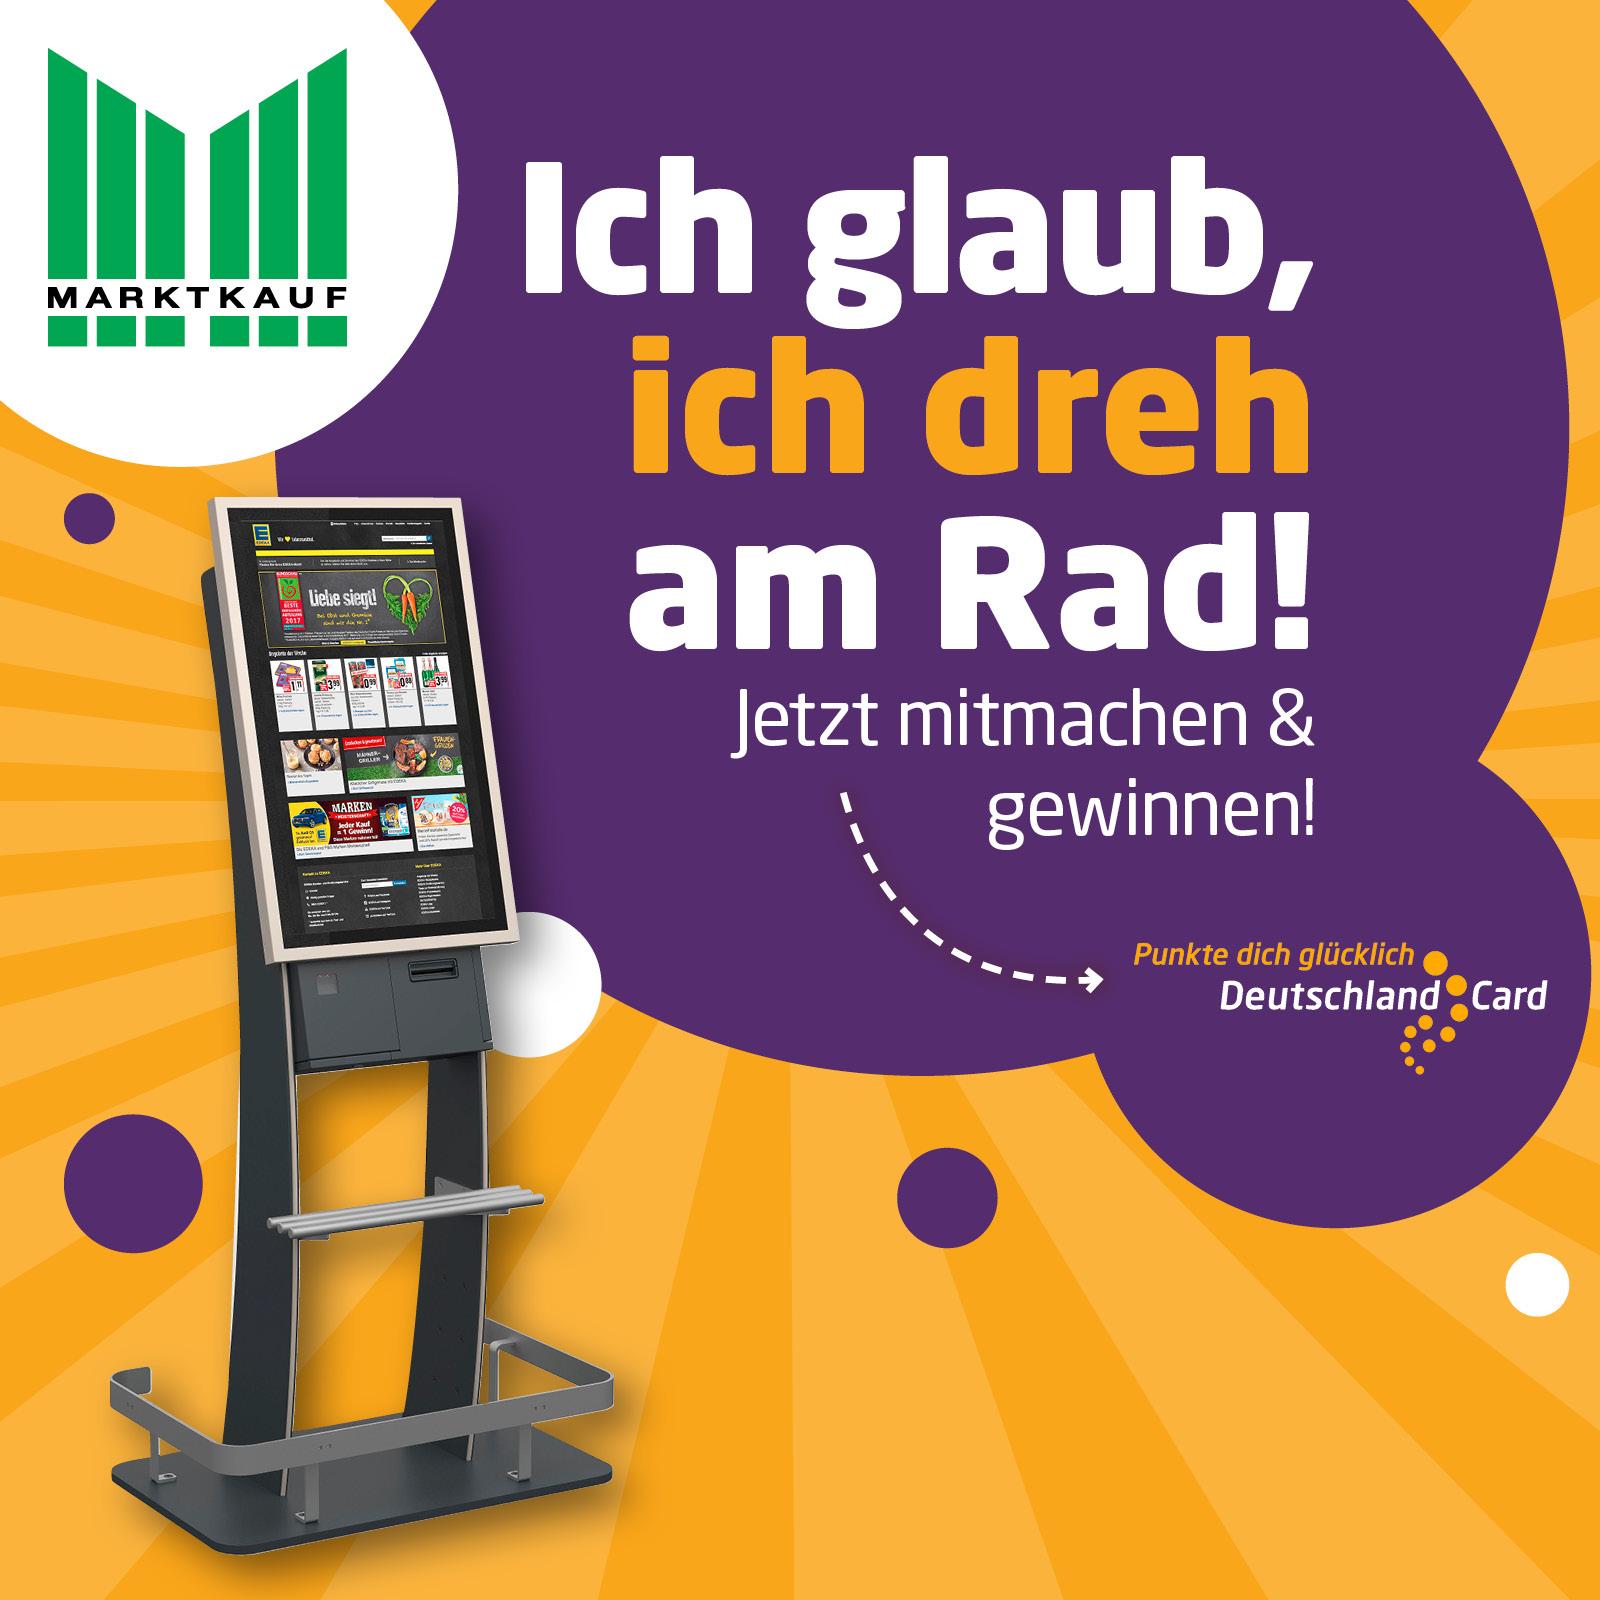 DeutschlandCard Glücksrad in deinem Markt - punkte dich glücklich